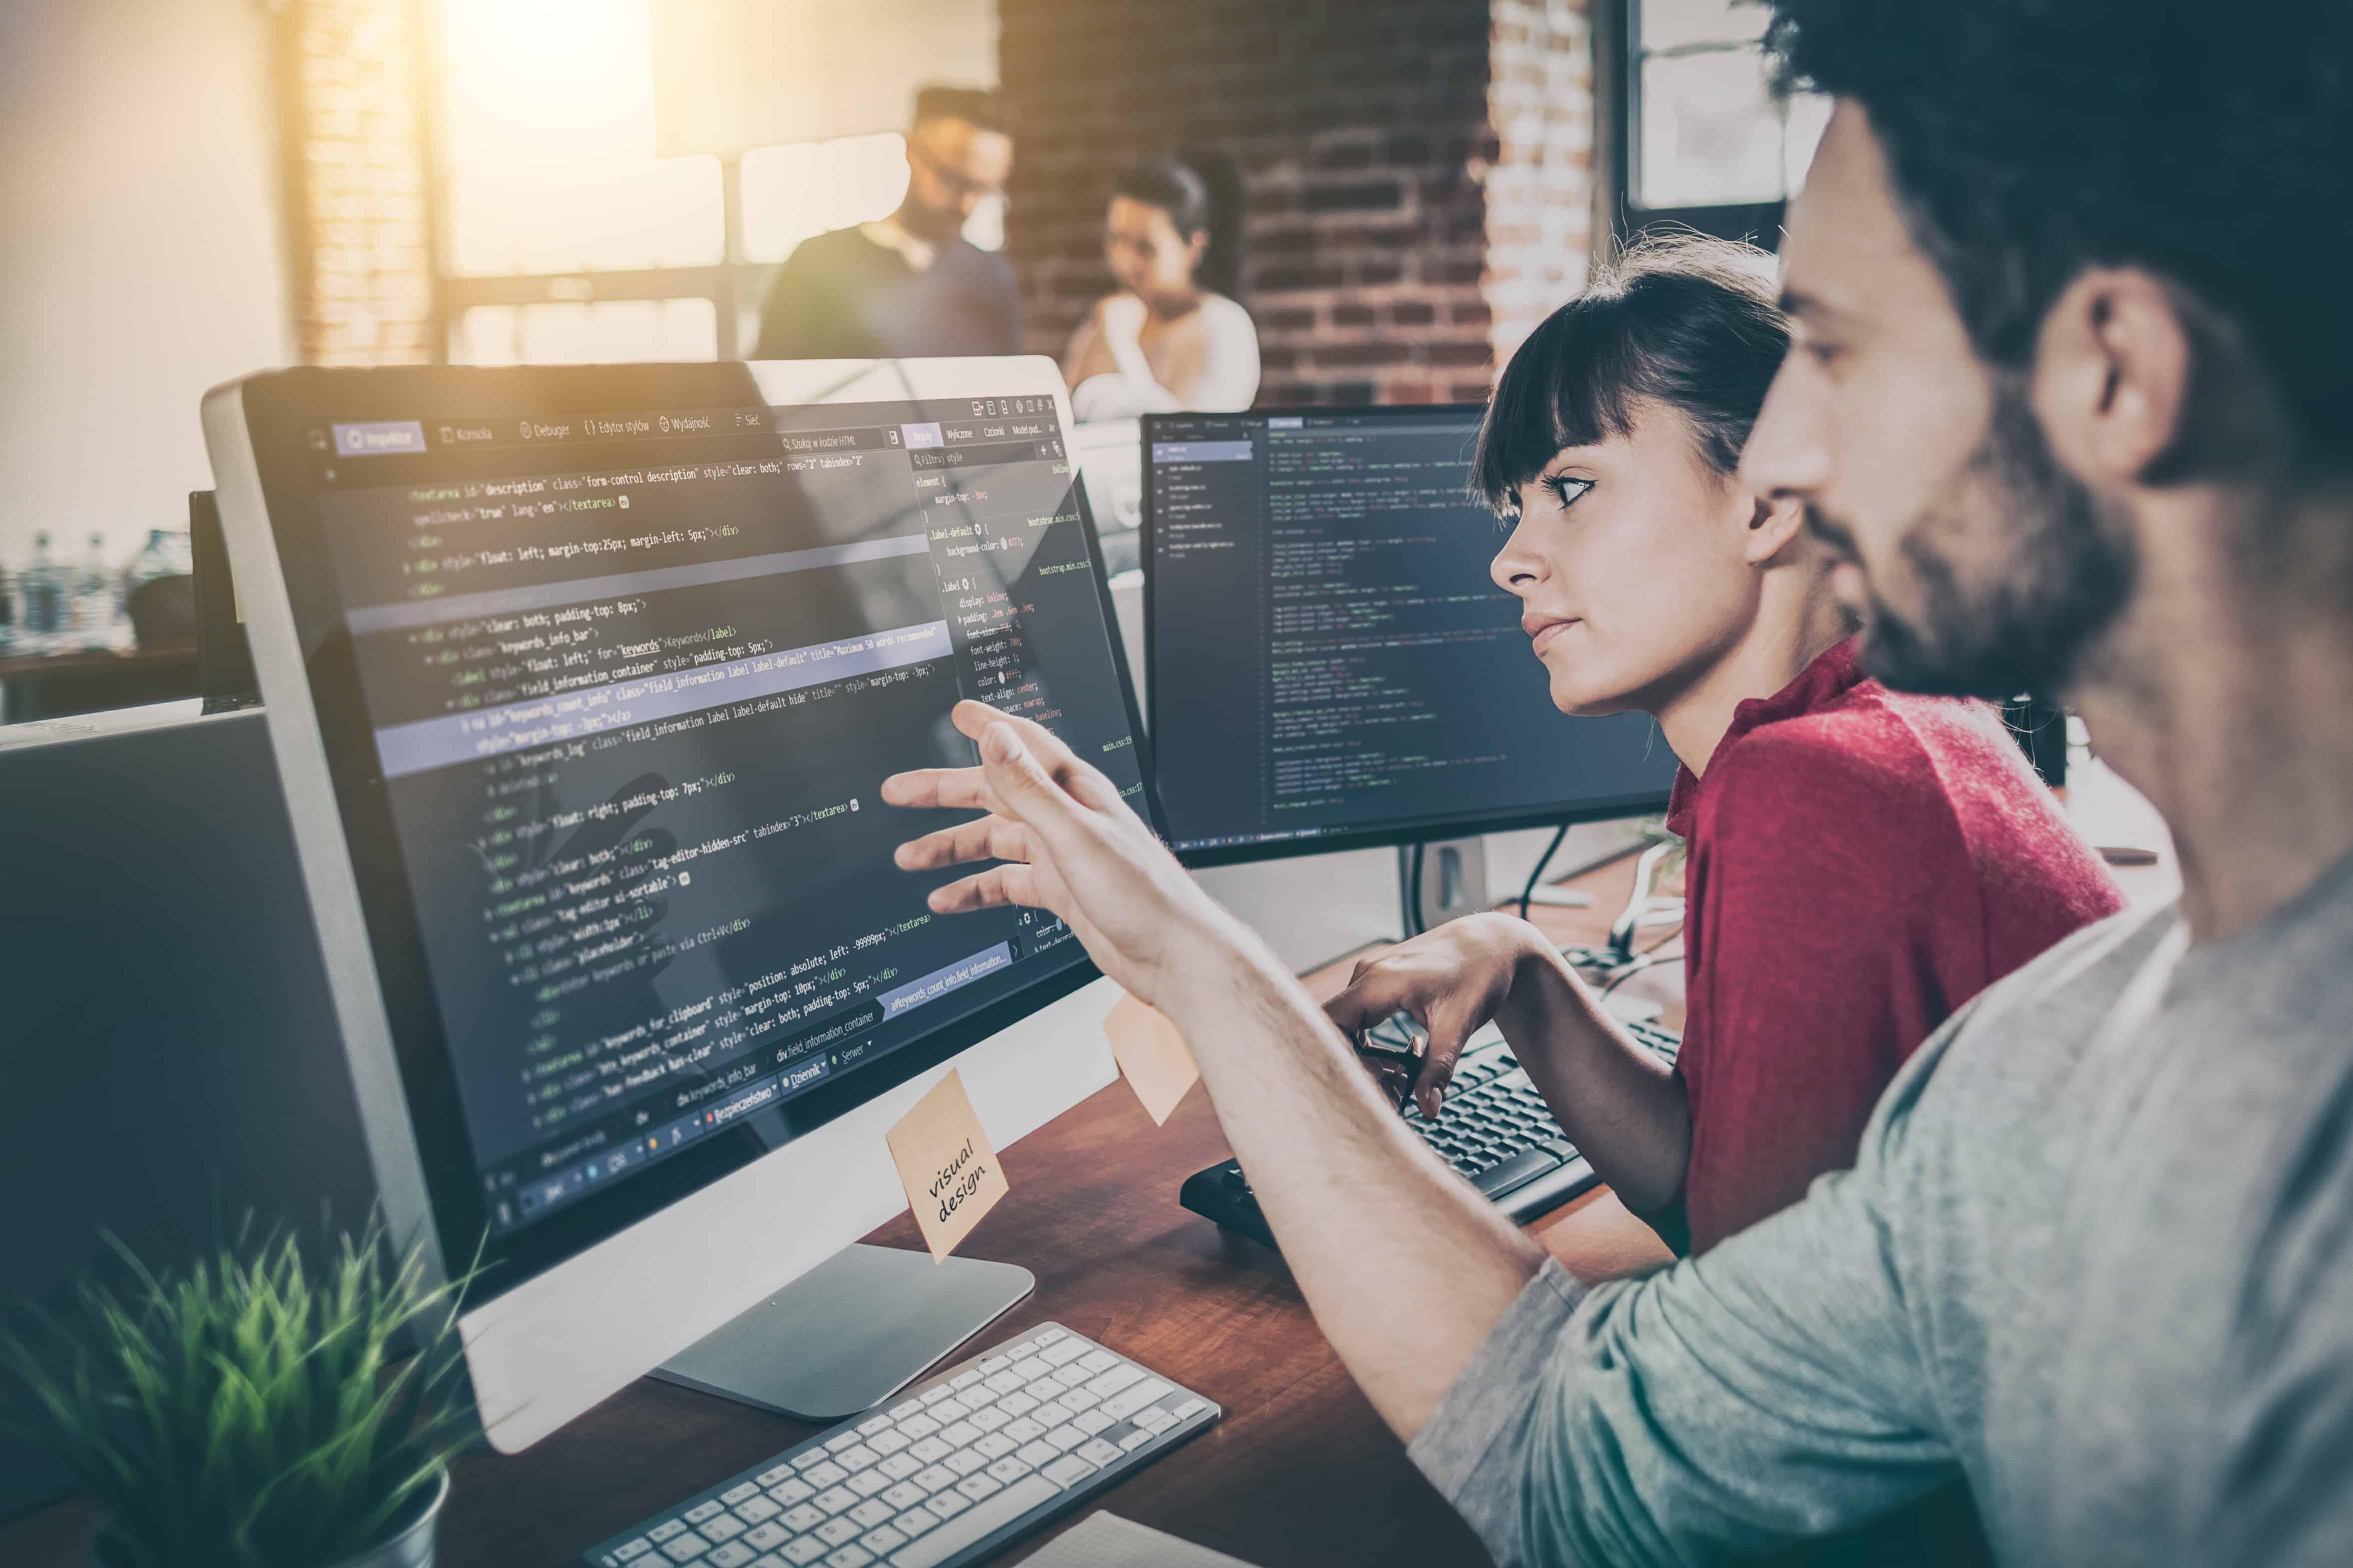 تفاوت میان یک Coder و Developer از لحاظ تعاملات سازمانی